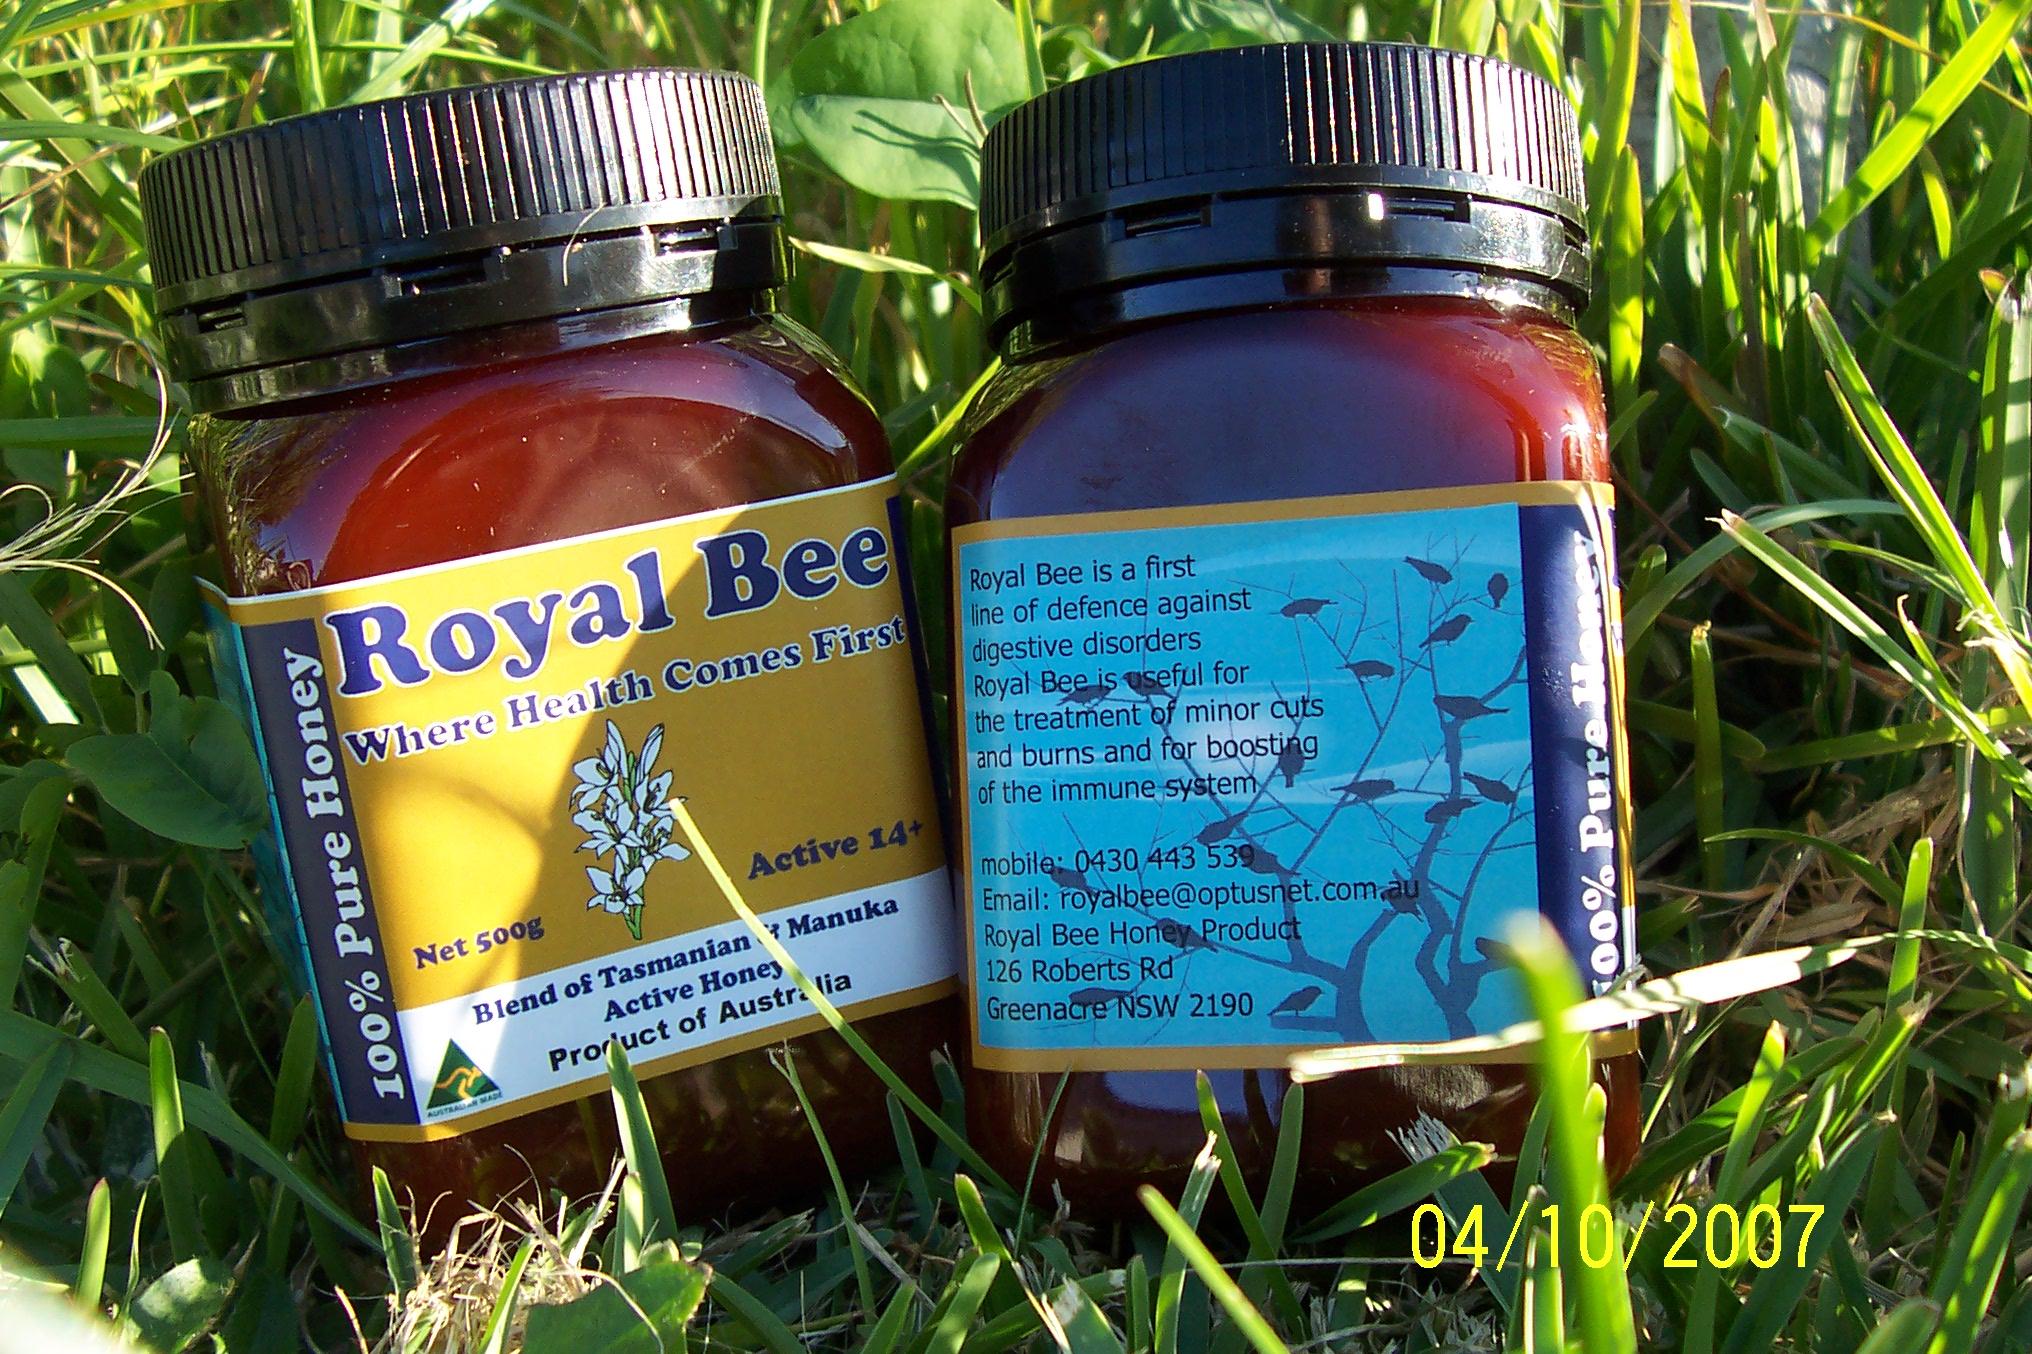 Royal Bee Manuka Active 25+, Active 14+